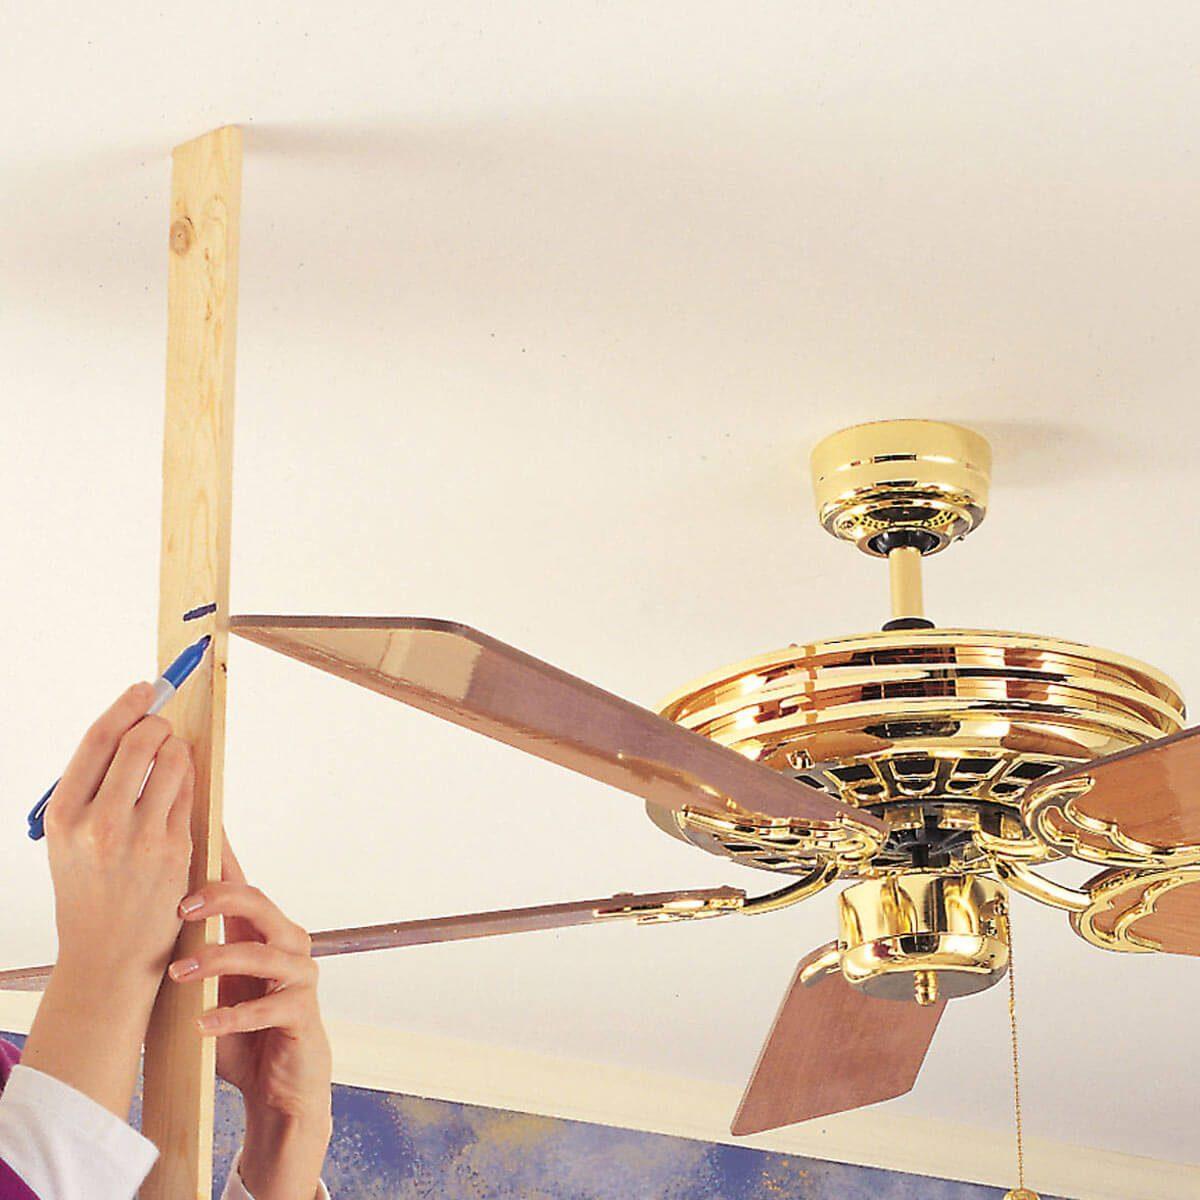 fh98jun_01357002 hang a ceiling fan